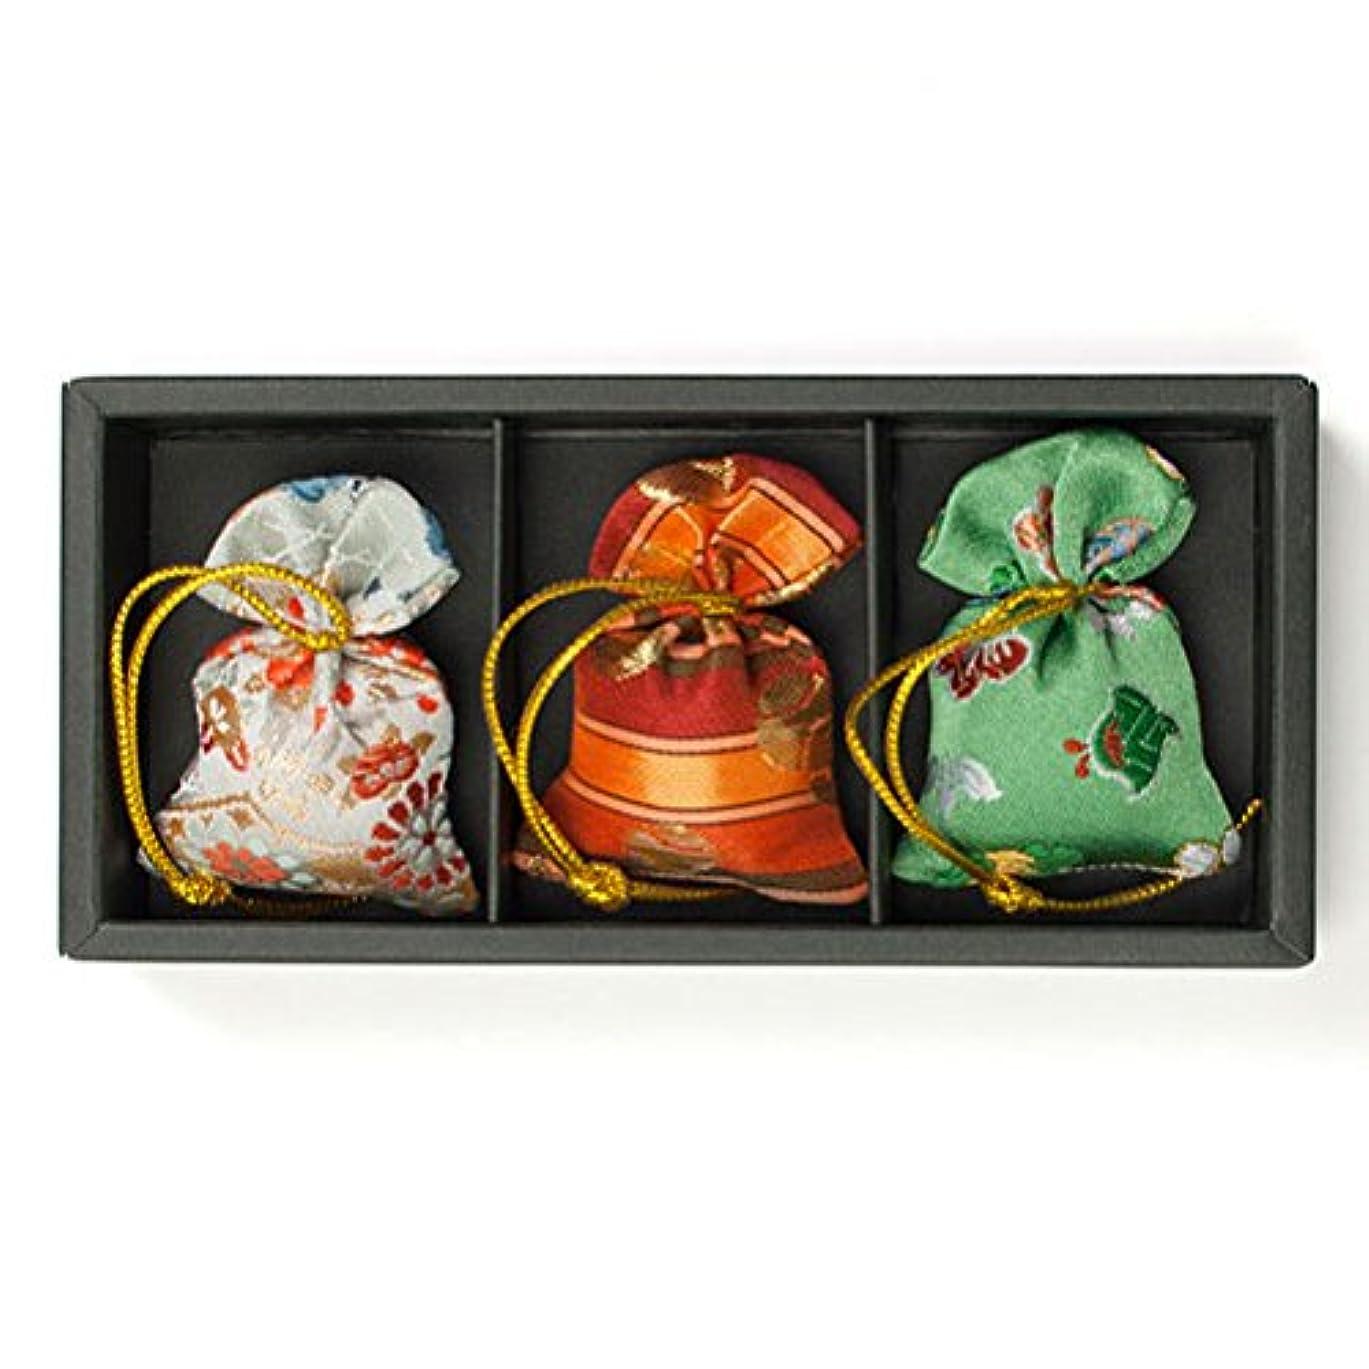 成長する折るプレゼント匂い袋 誰が袖 みやこ(大) 3個入 松栄堂 Shoyeido